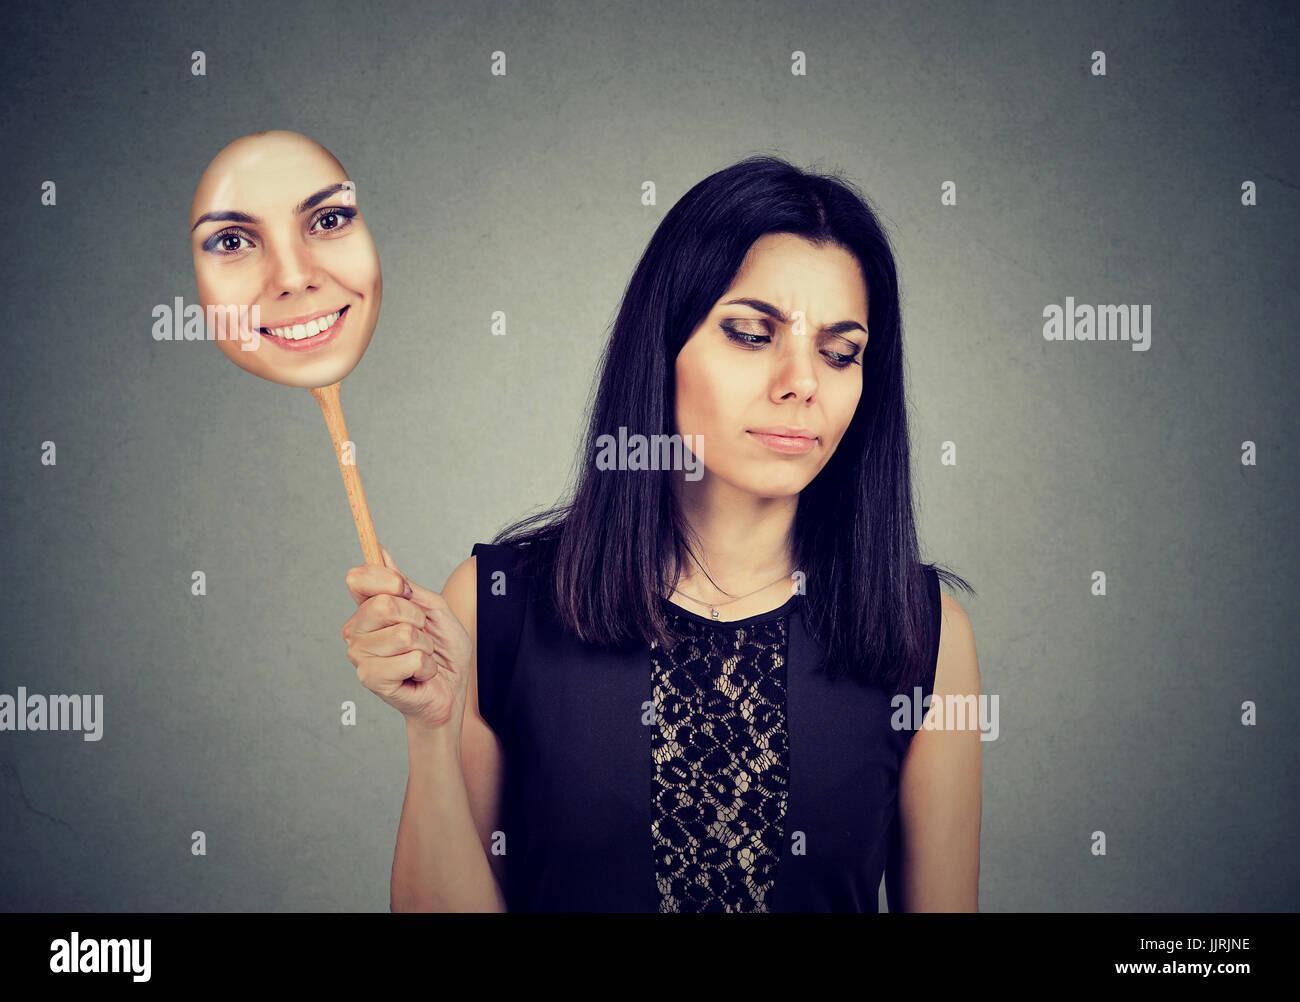 Giovane donna con espressione triste assunzione di una maschera che esprimono allegria Immagini Stock